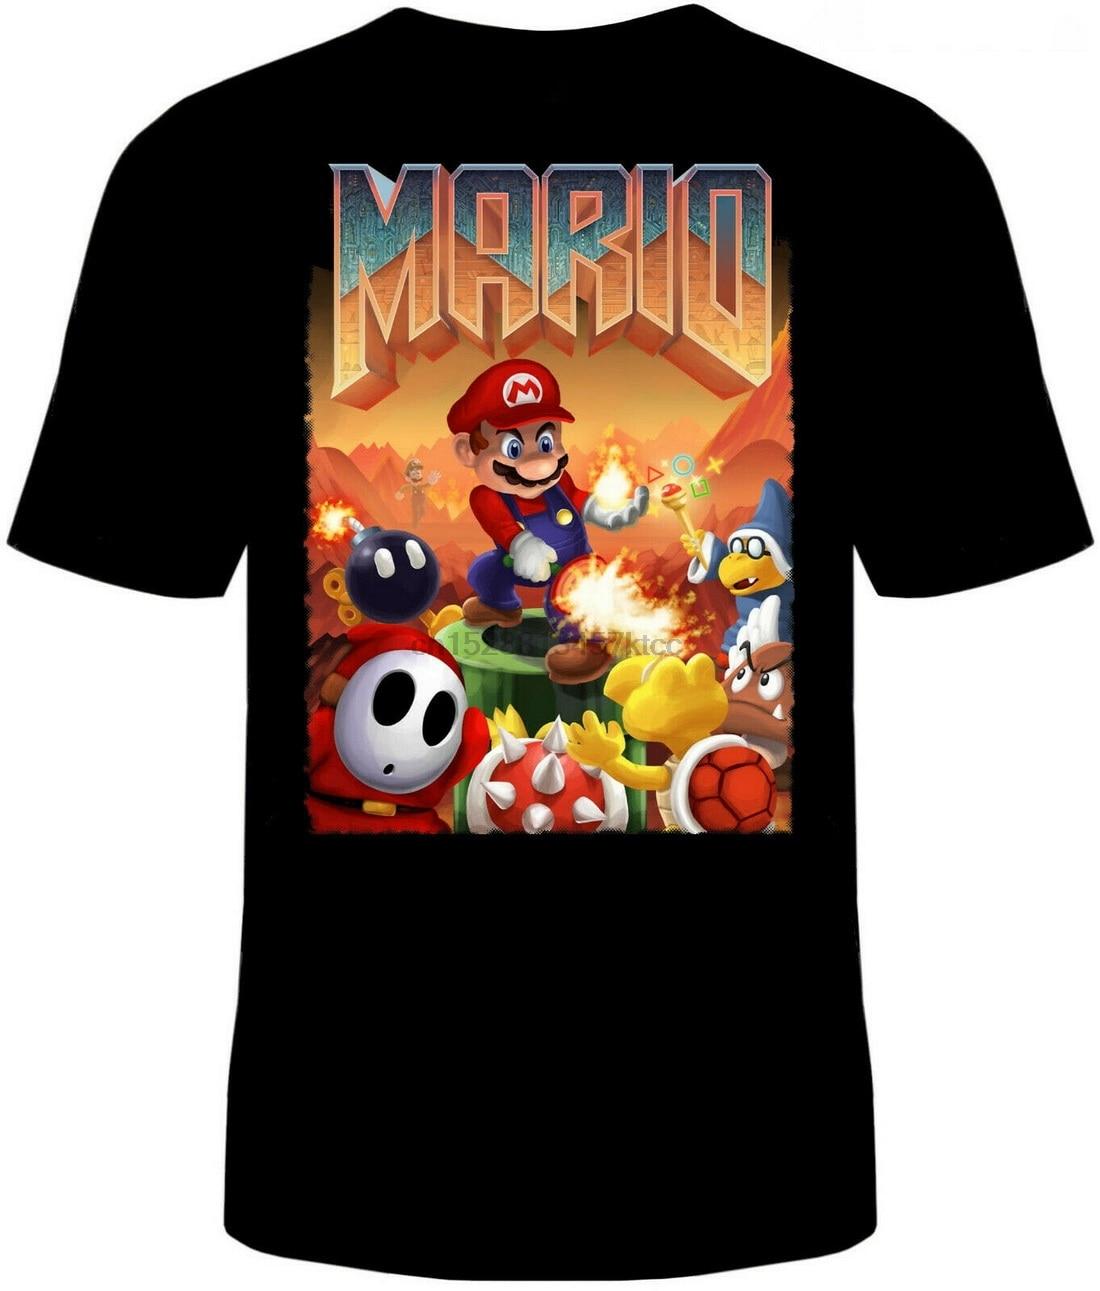 Doom Super Mario Tops camiseta Unisex algodón adulto divertido Video juego Retro Guns nueva camiseta divertida algodón